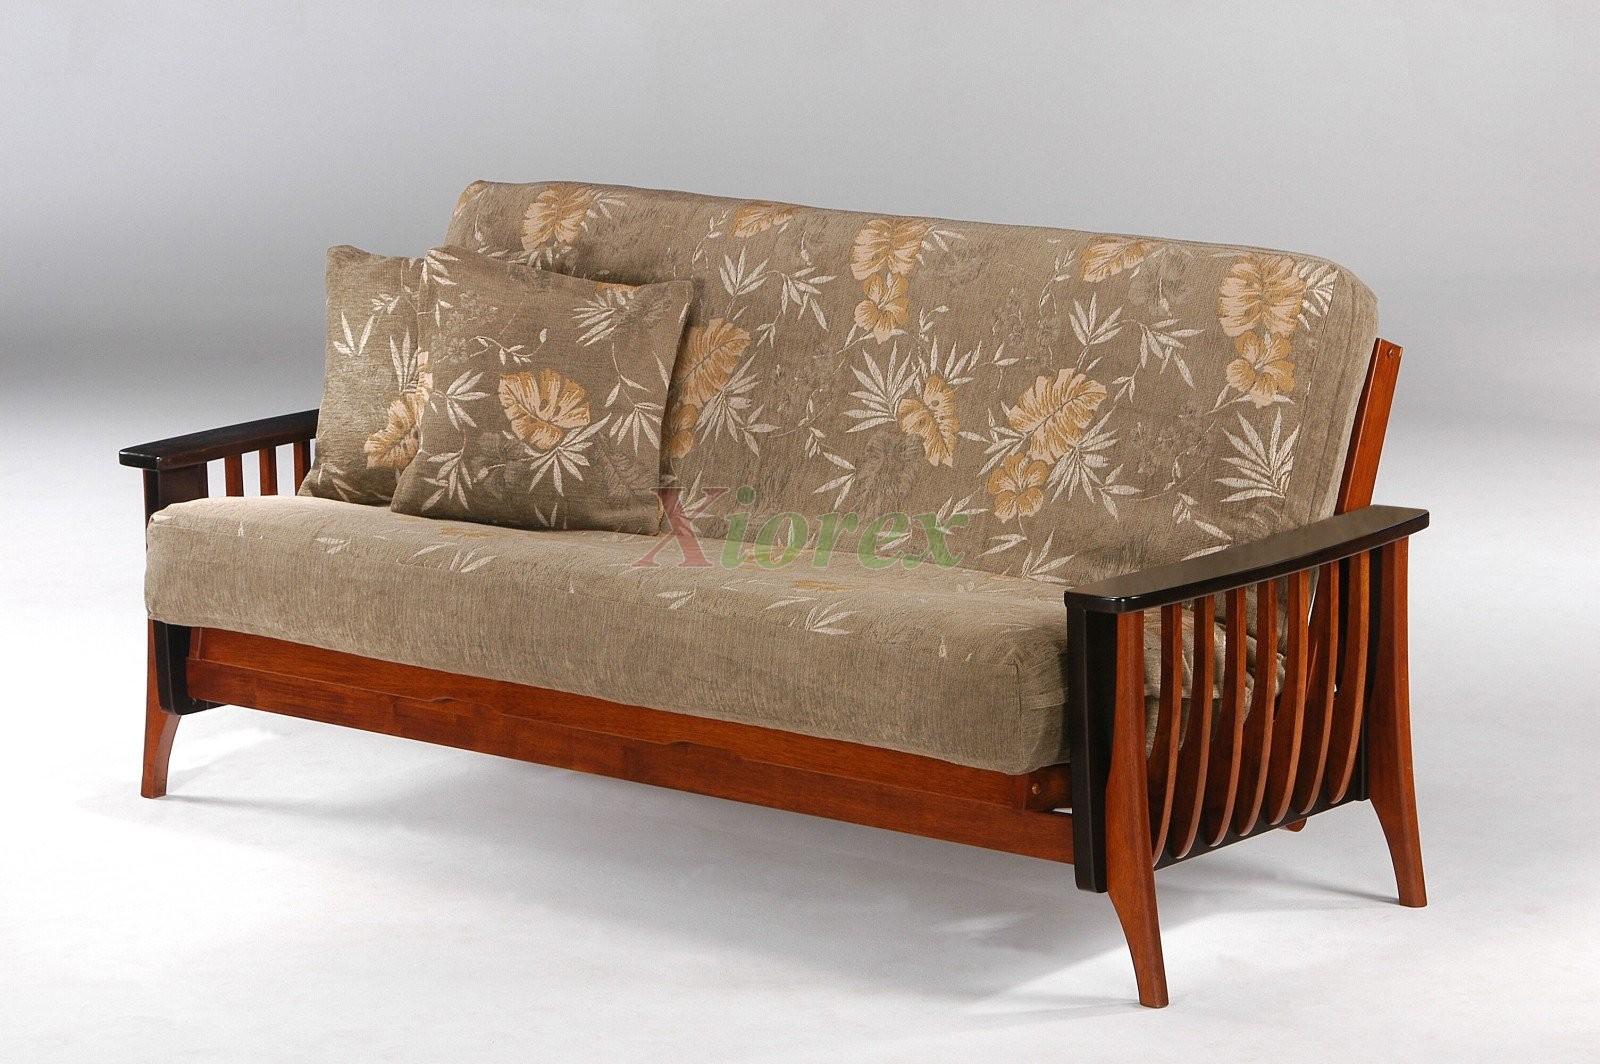 Vermont Furniture Designs Skyline